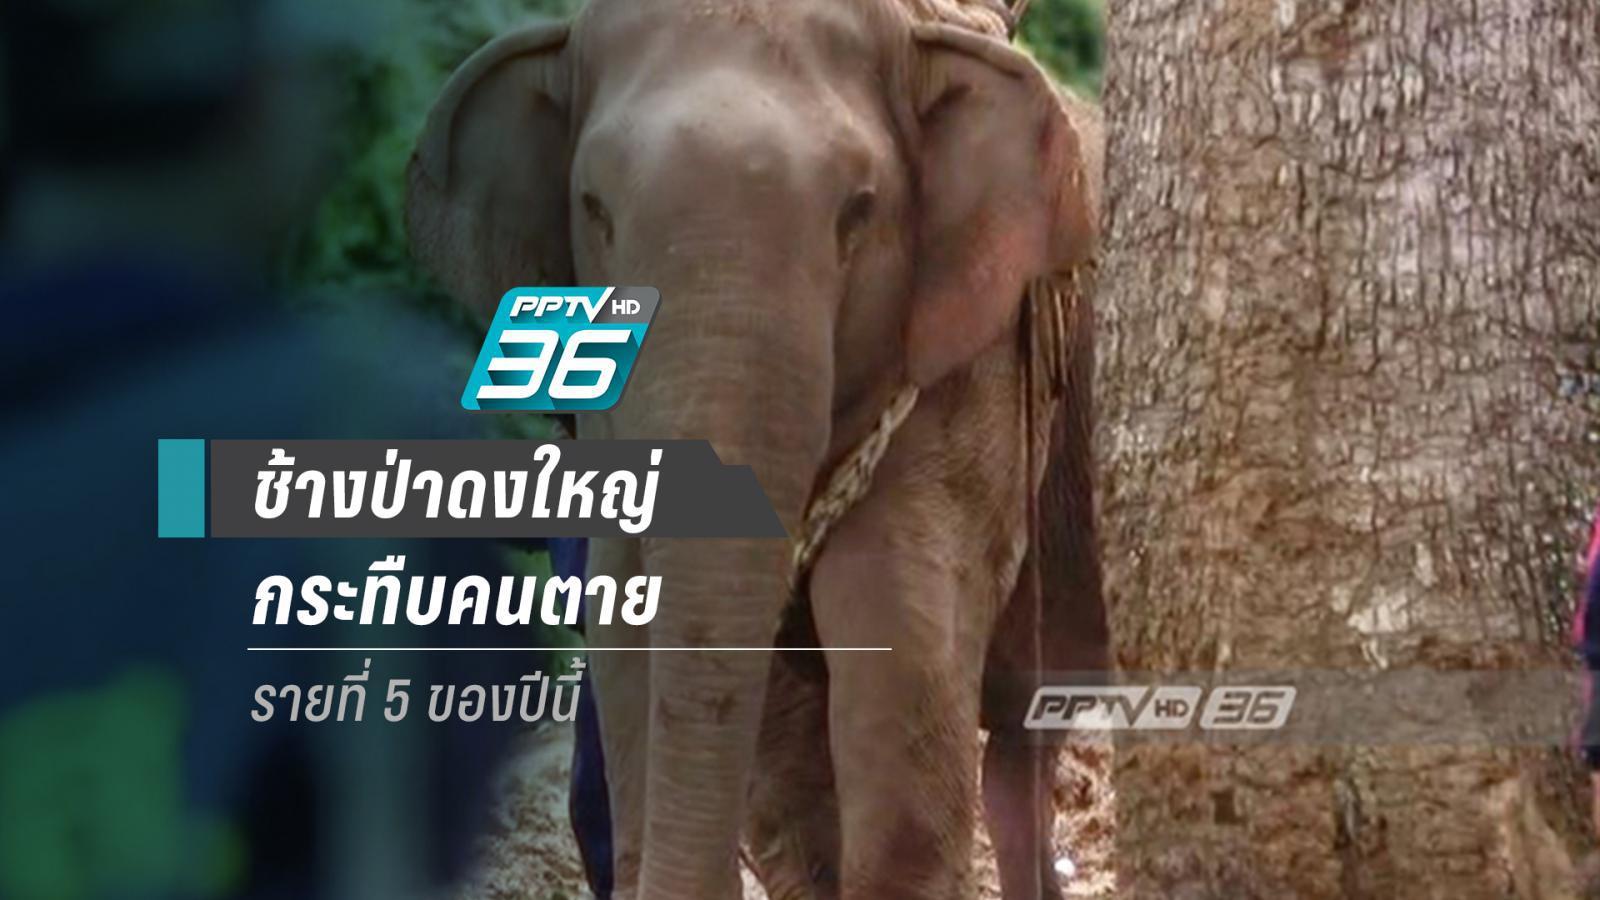 ช้างกระทืบตาย  รายที่ 5 ของปี